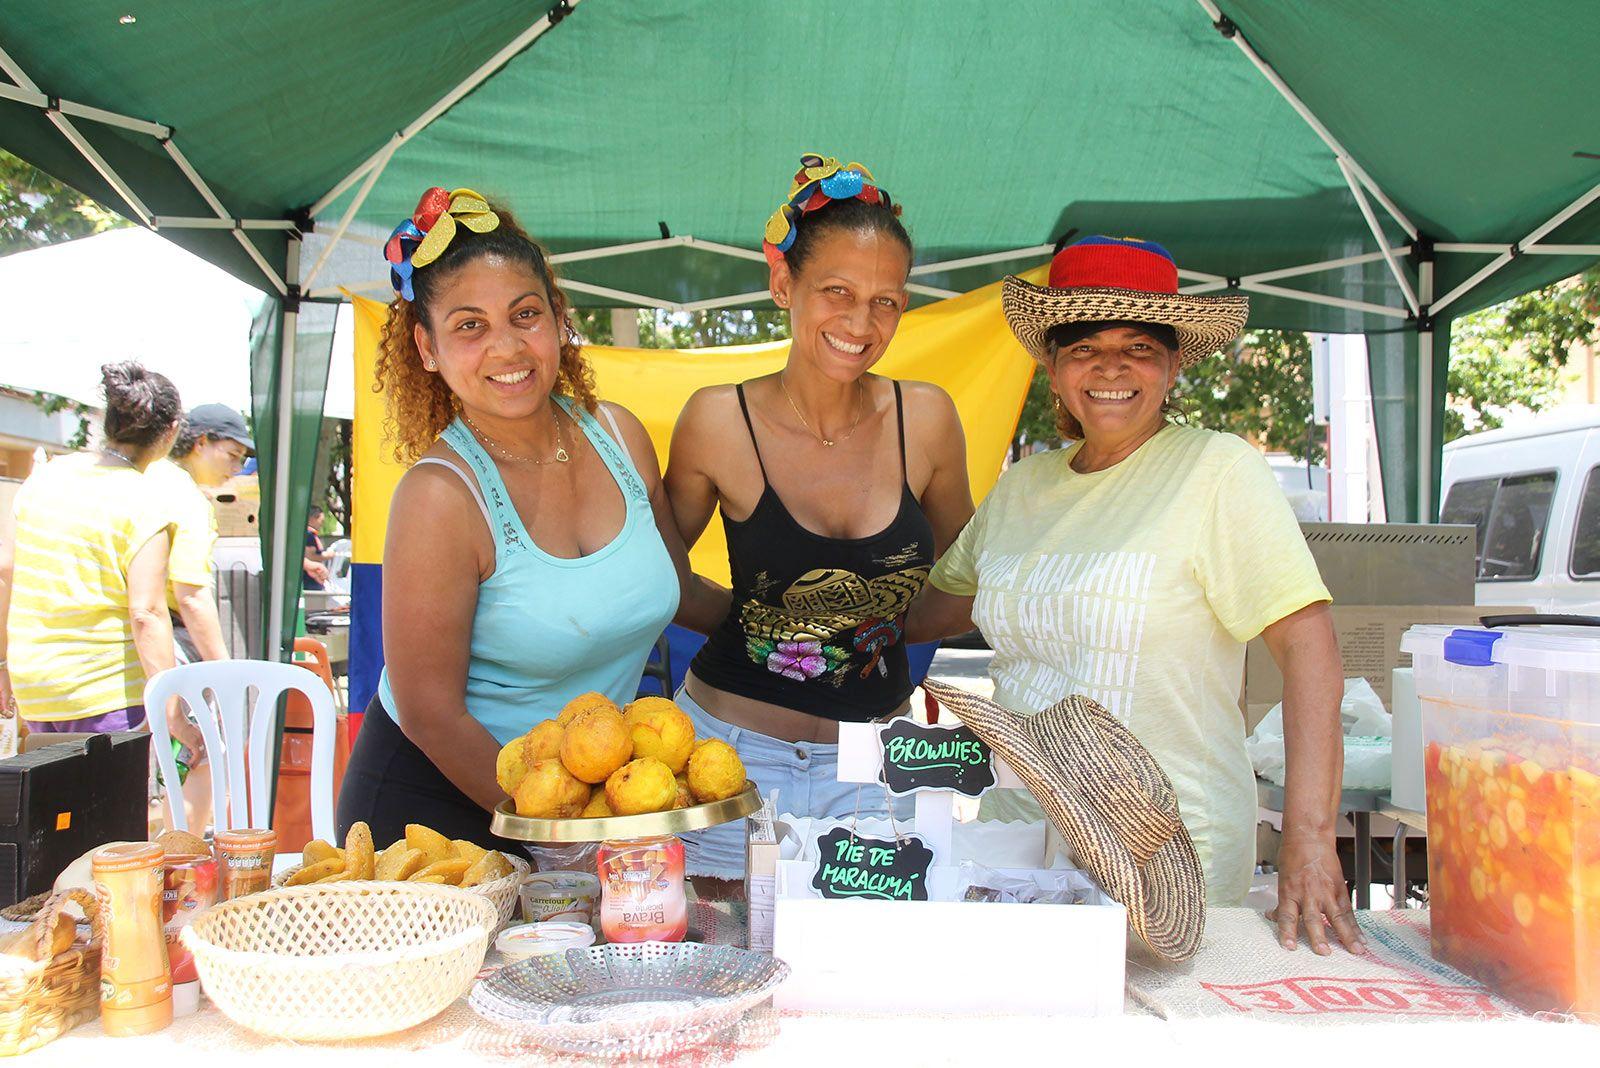 VII Esdeveniment Intercultural al parc del Pont de Can Vernet. FOTO: Paula Galván